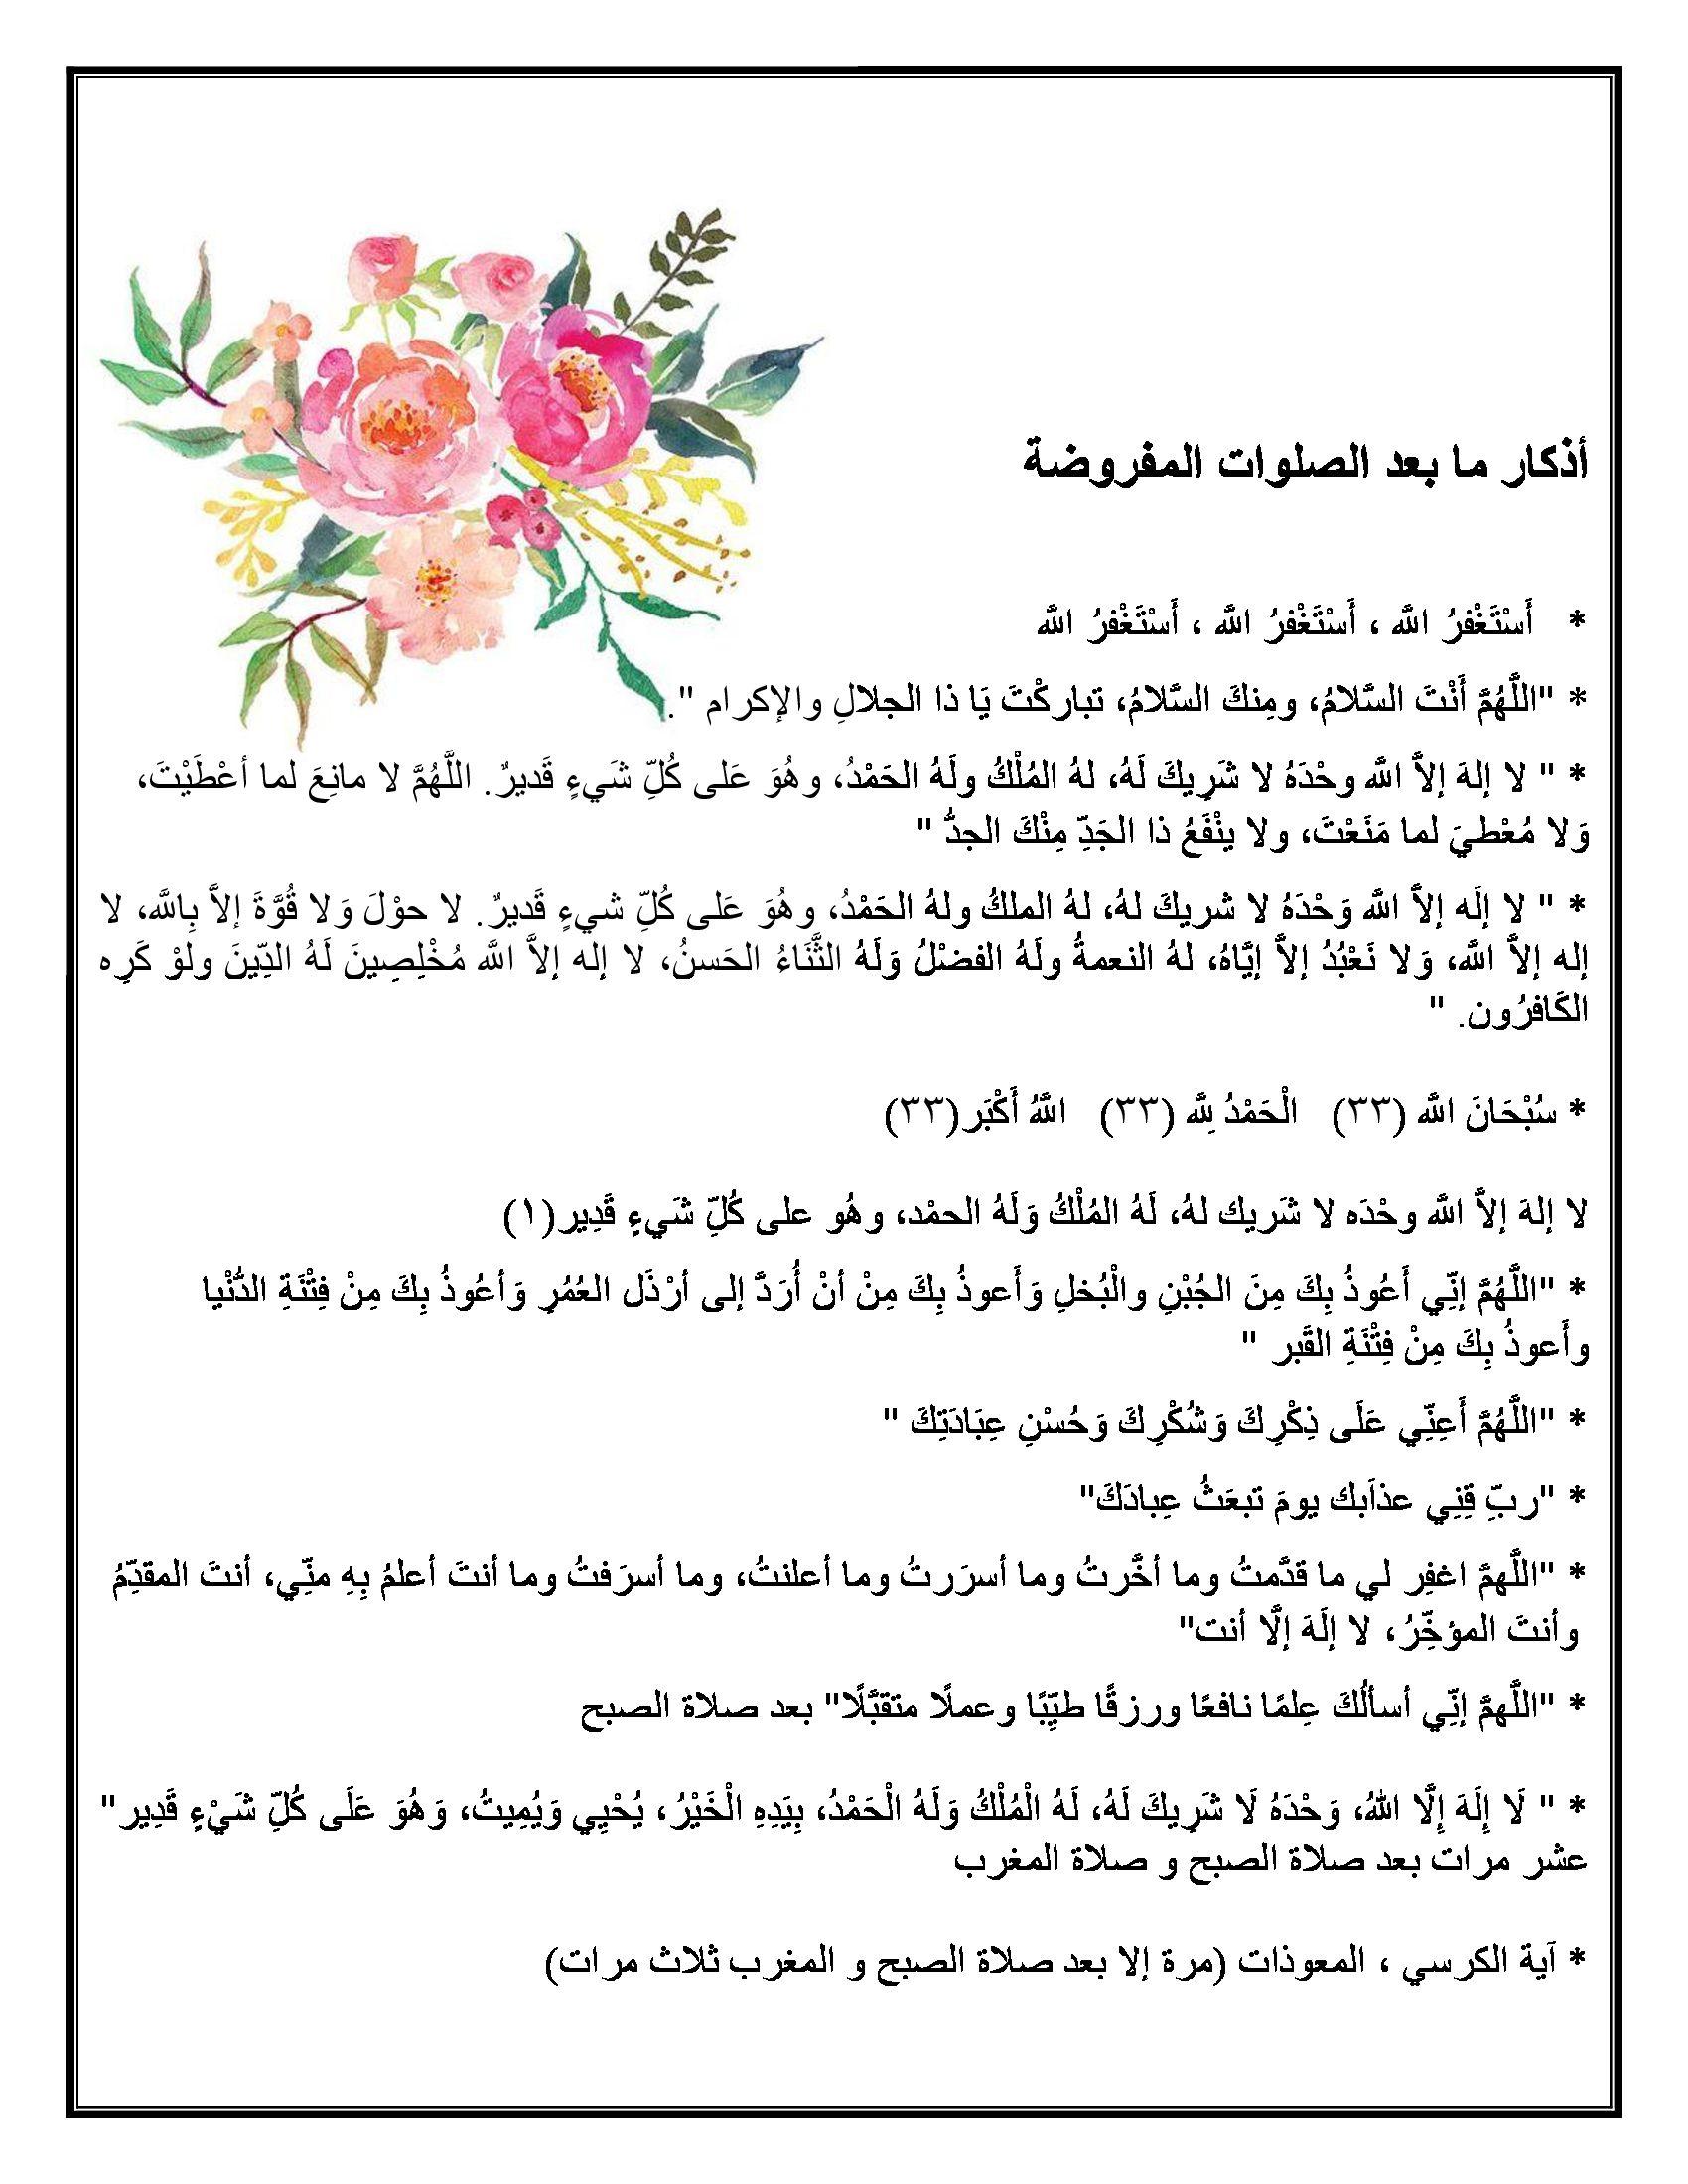 أذكار ما بعد الصلاة المفروضة Islamic Quotes Quran Islam Facts Islamic Quotes